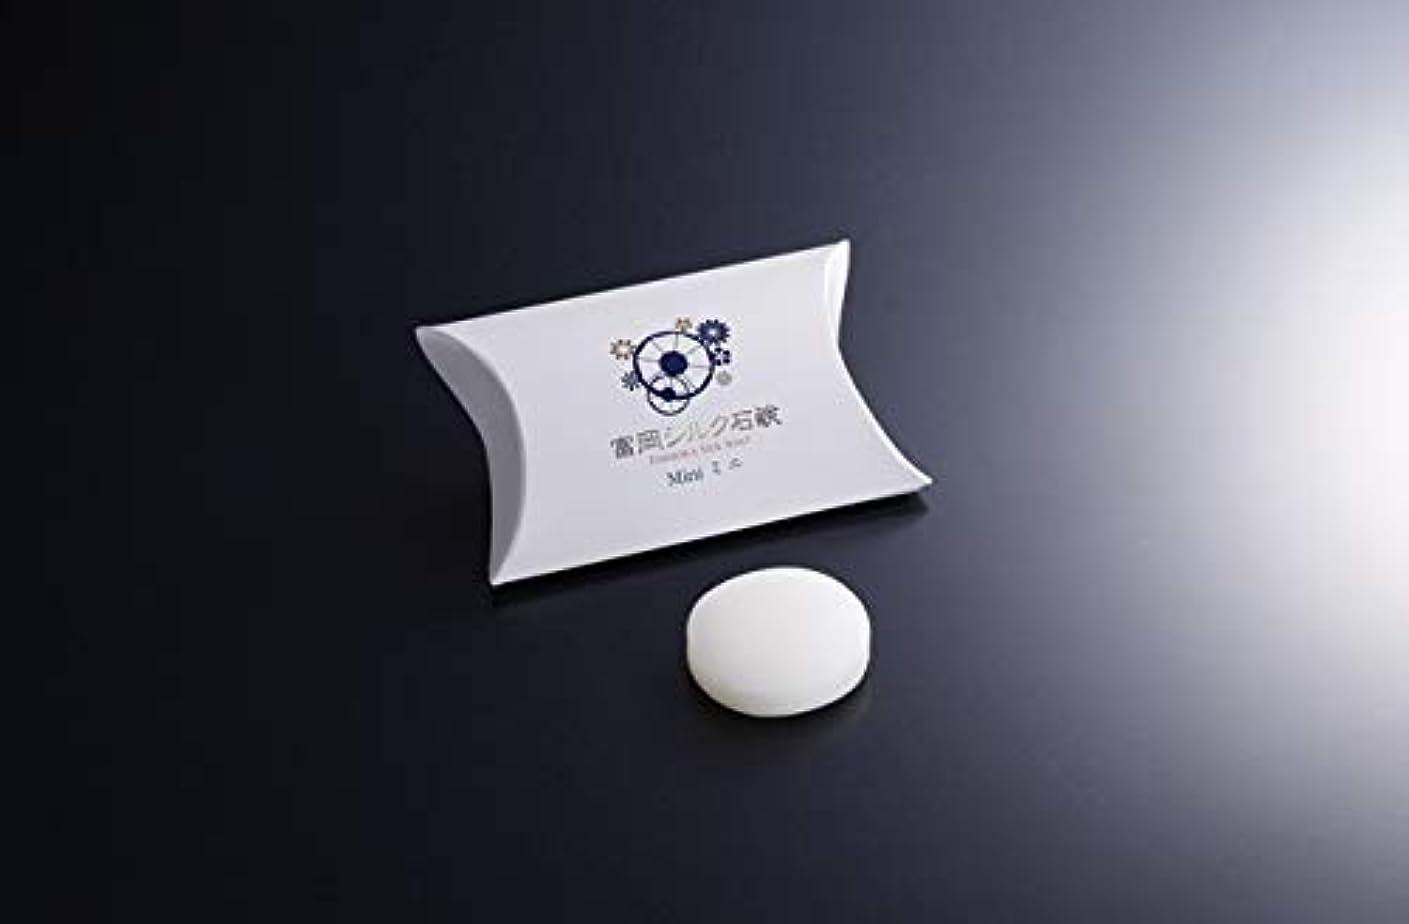 スペースバーベキュー神経障害絹工房 富岡シルク石鹸 ミニサイズ(12?) 3個セット